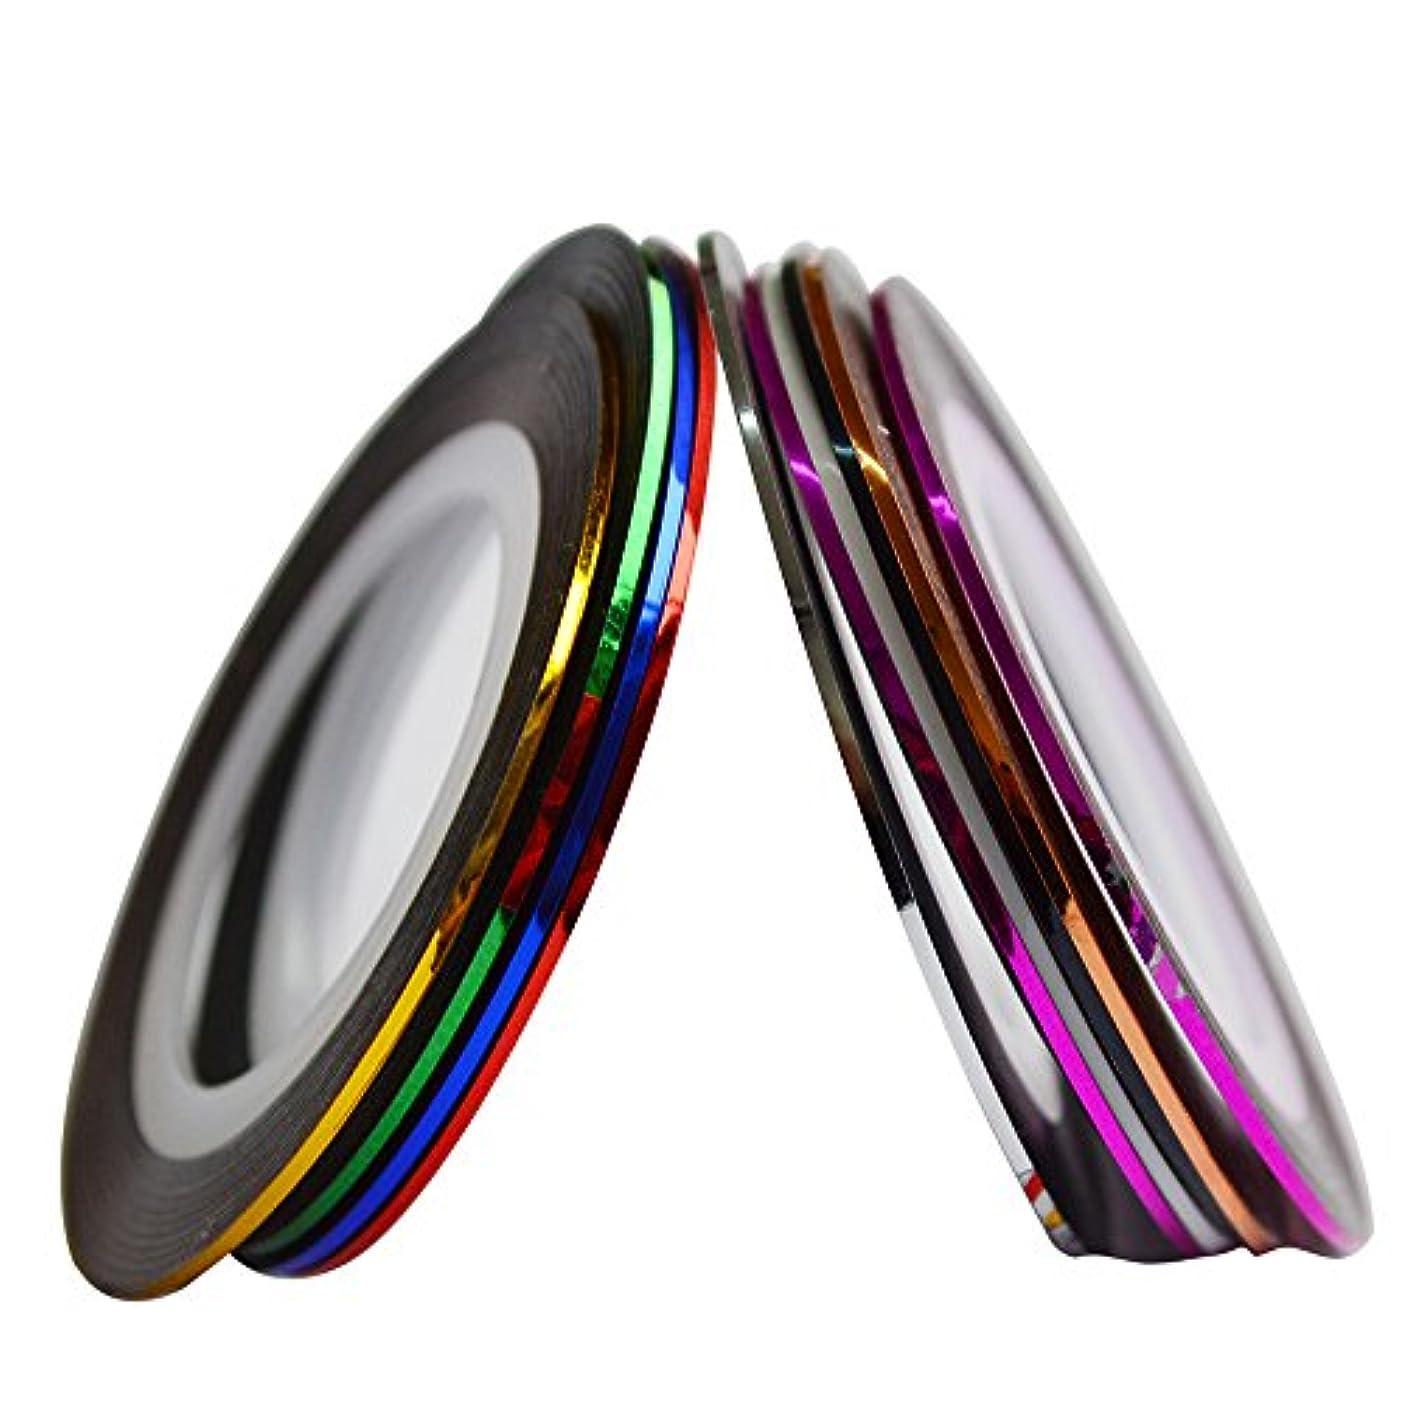 自分自身ロッカー口SUKTI&XIAO ネイルステッカー 10色1ミリメートルロールネイルアートストライプグリッターストライプテープラインステッカーdiyネイルデコレーションラインアクセサリーのヒント